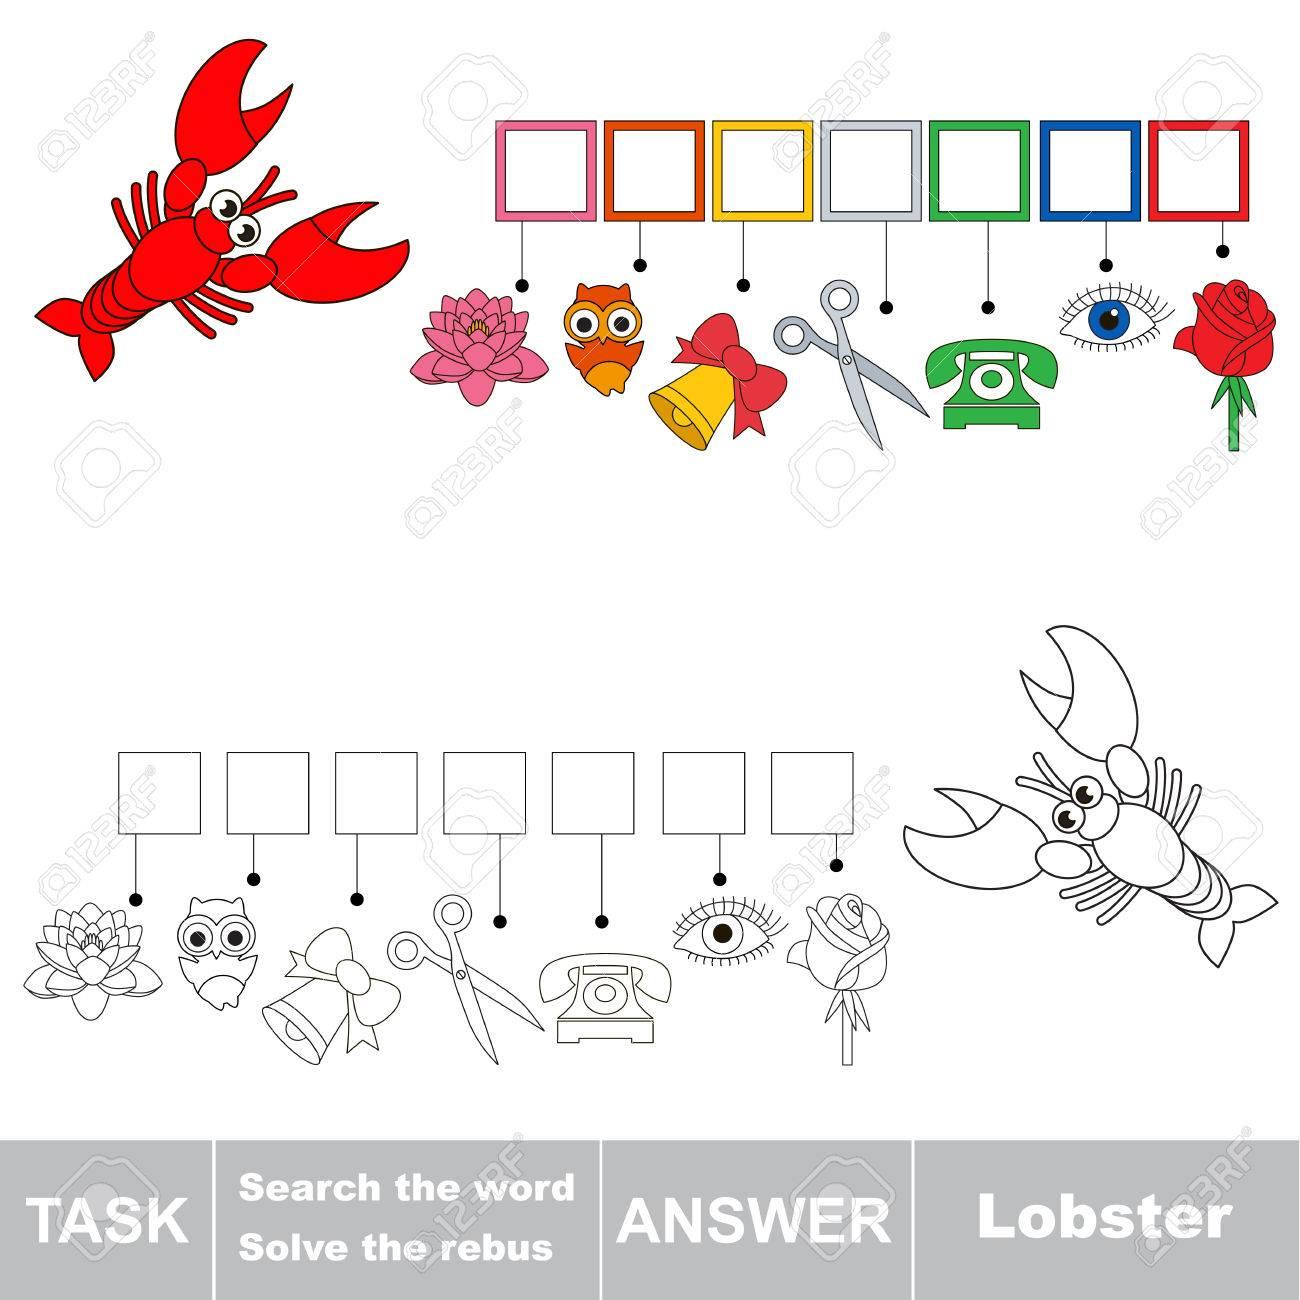 Vector Rebus Jeu. Tâche Et Réponse. Résoudre Le Rebus Et Trouver Le Mot  Lobster concernant Rébus À Imprimer